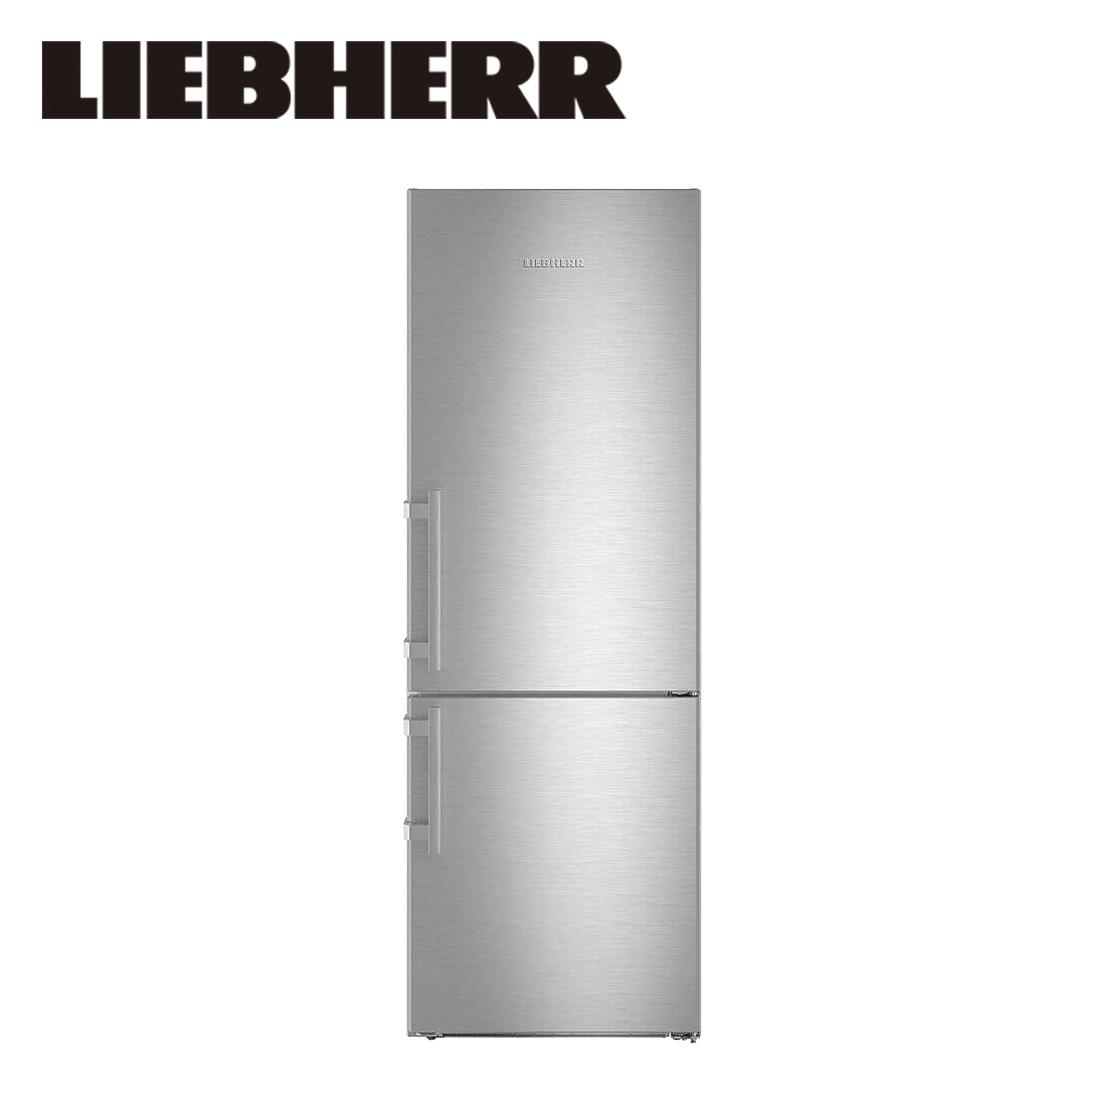 【一都三県は送料・開梱設置無料】リープヘル 冷蔵庫 LIEBHERR CBNef5735 Comfort フリースタンディング Freestanding Fridge-Freezer 冷凍庫【代引不可】